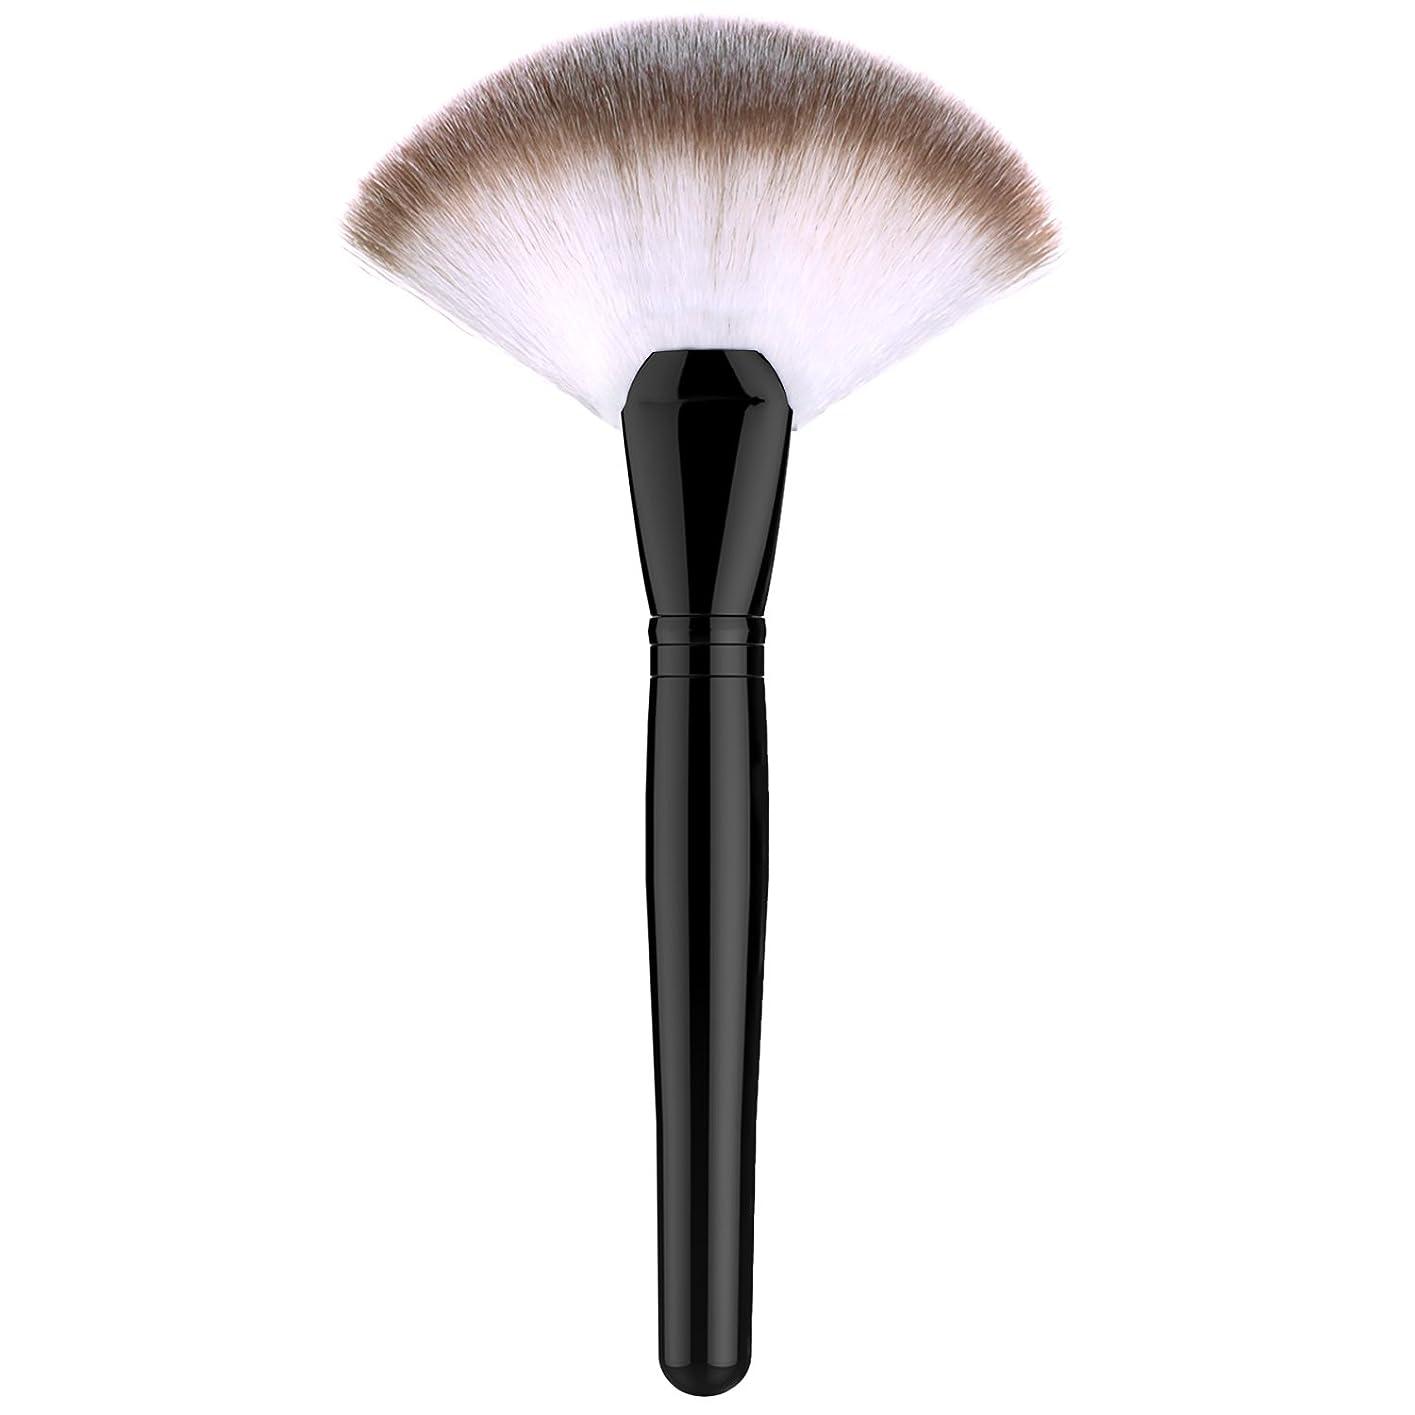 決定する送料線ファンデーションブラシ - Luxspire 扇形 メイクブラシセット 化粧筆 コスメブラシ 繊細な人工毛 毛質やわらかい 肌に優しい